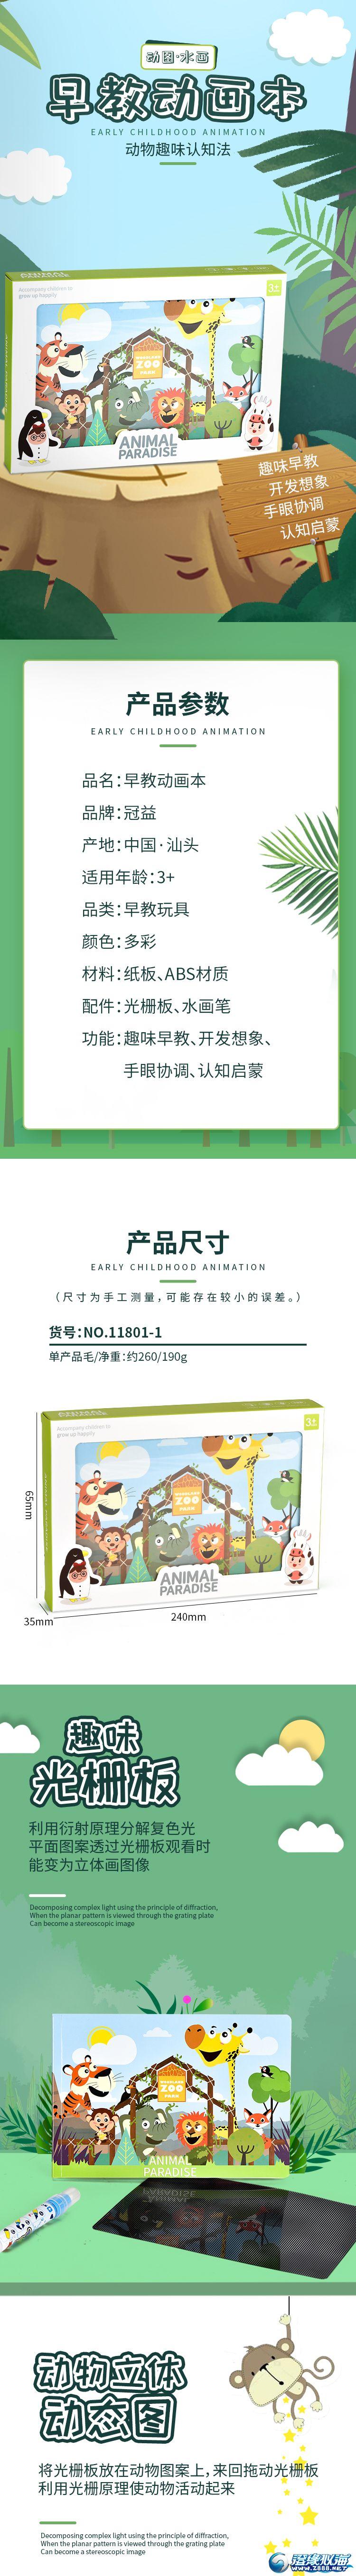 冠益玩具厂-(11801-1)-早教动画本-中文版详情页_01.jpg